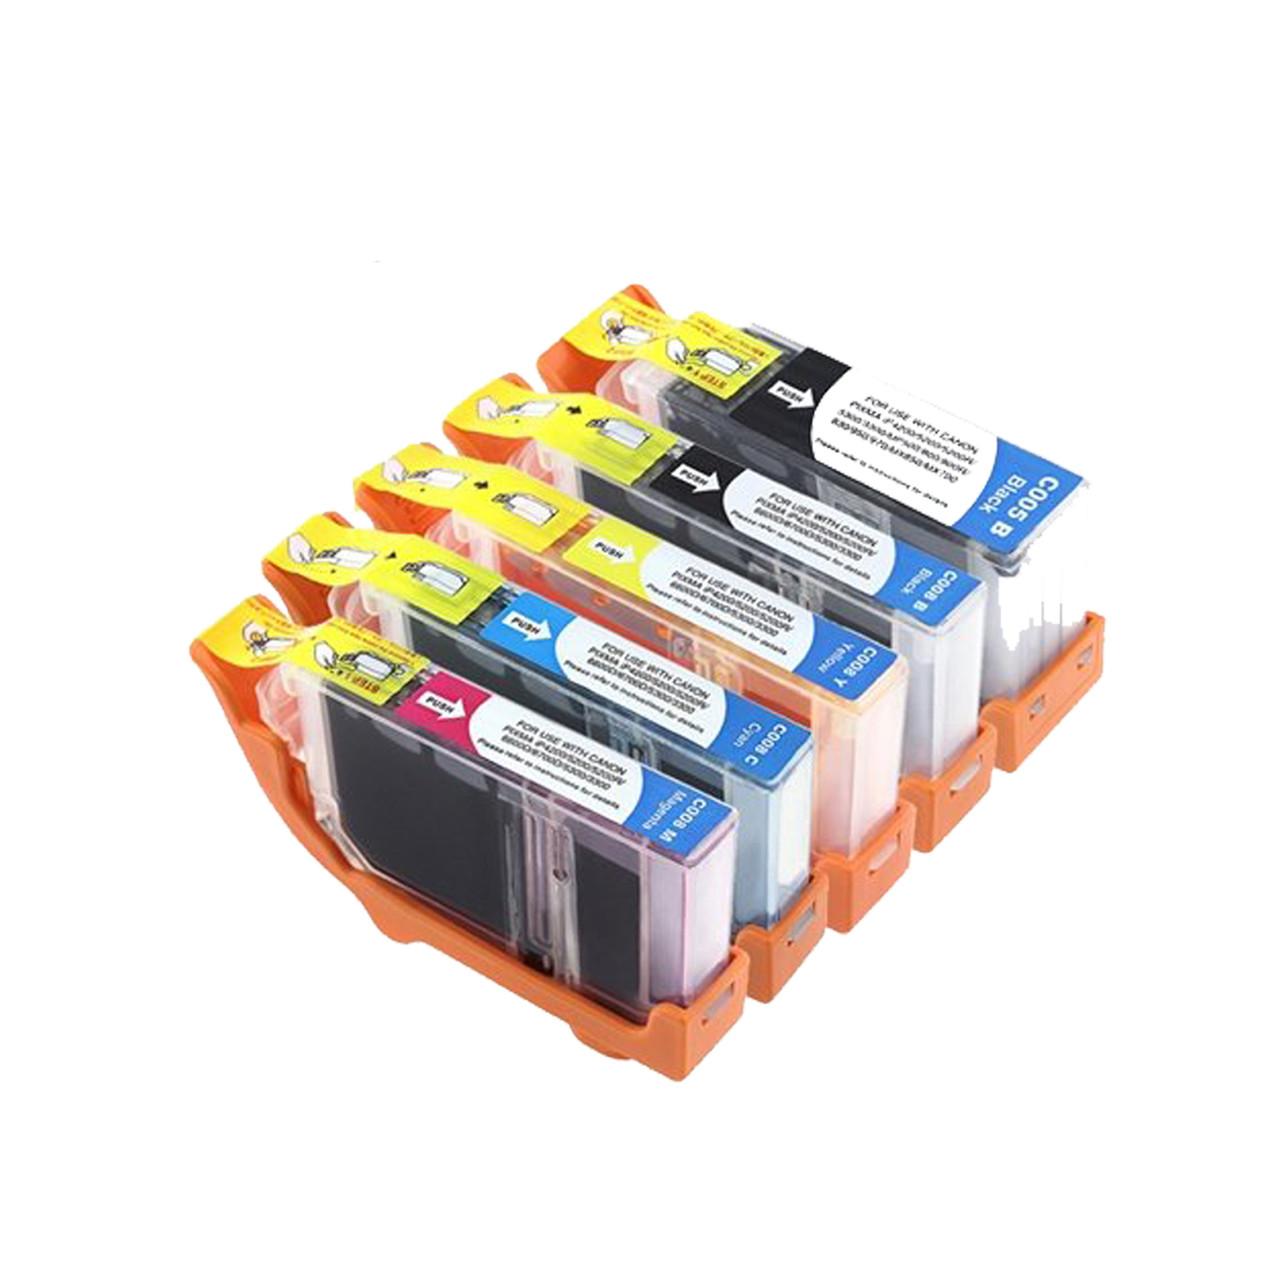 CLI-8M CLI-8C and CLI-8Y for Canon PIXMA MX850 5 PK Canon Compatible CLI-8BK PGI-5BK